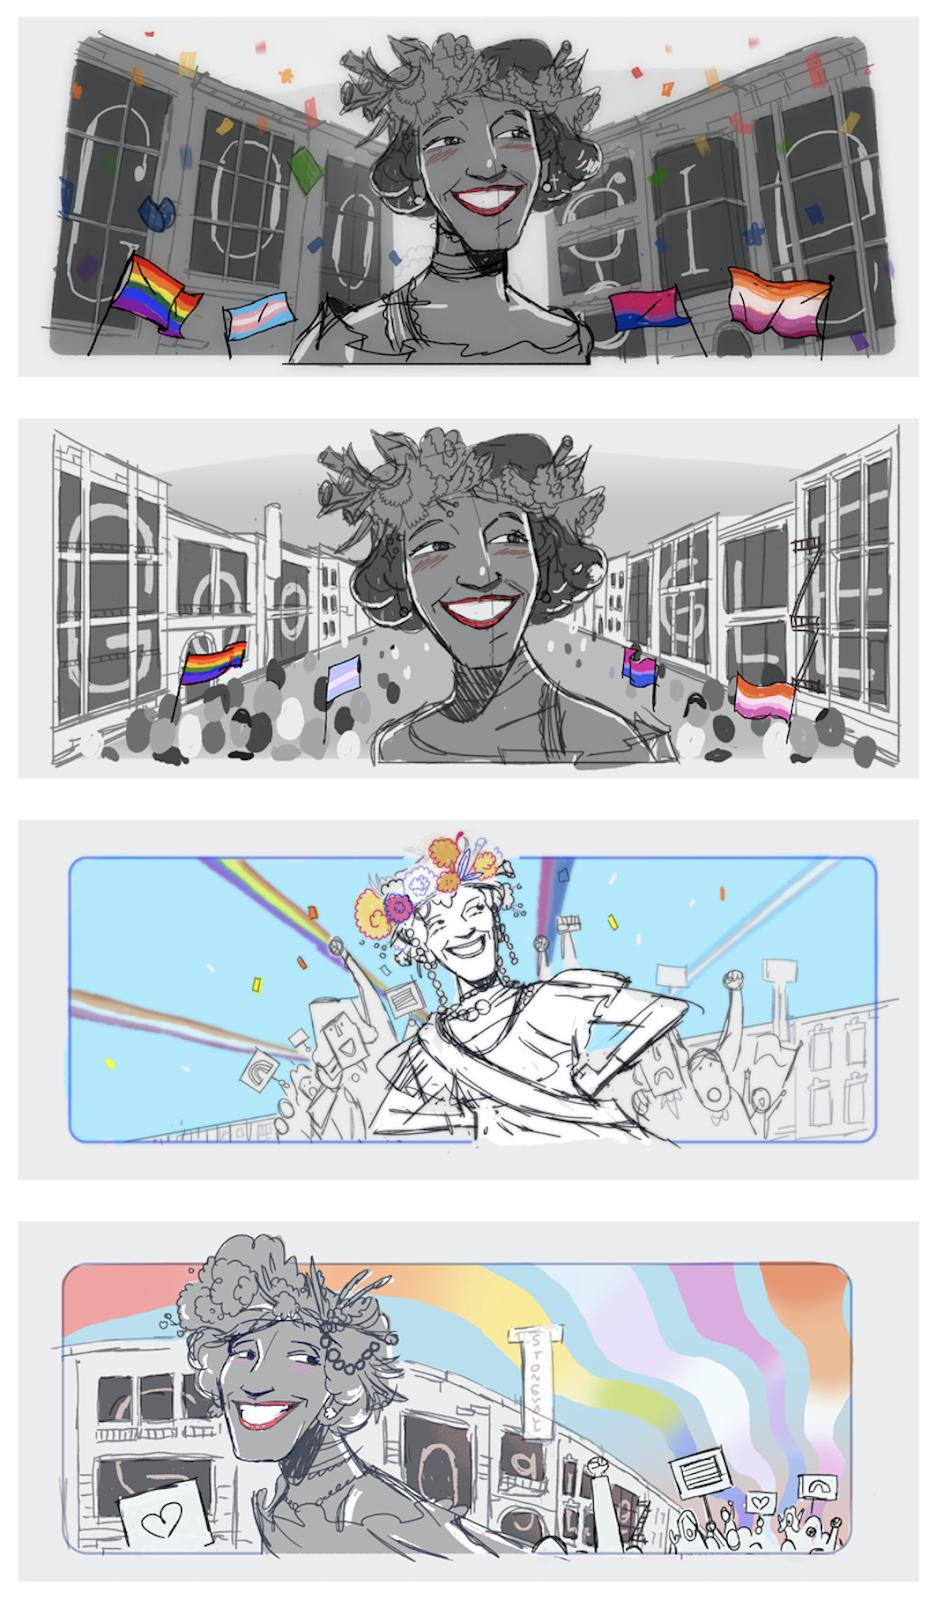 Google Doodle Celebrating Marsha P. Johnson